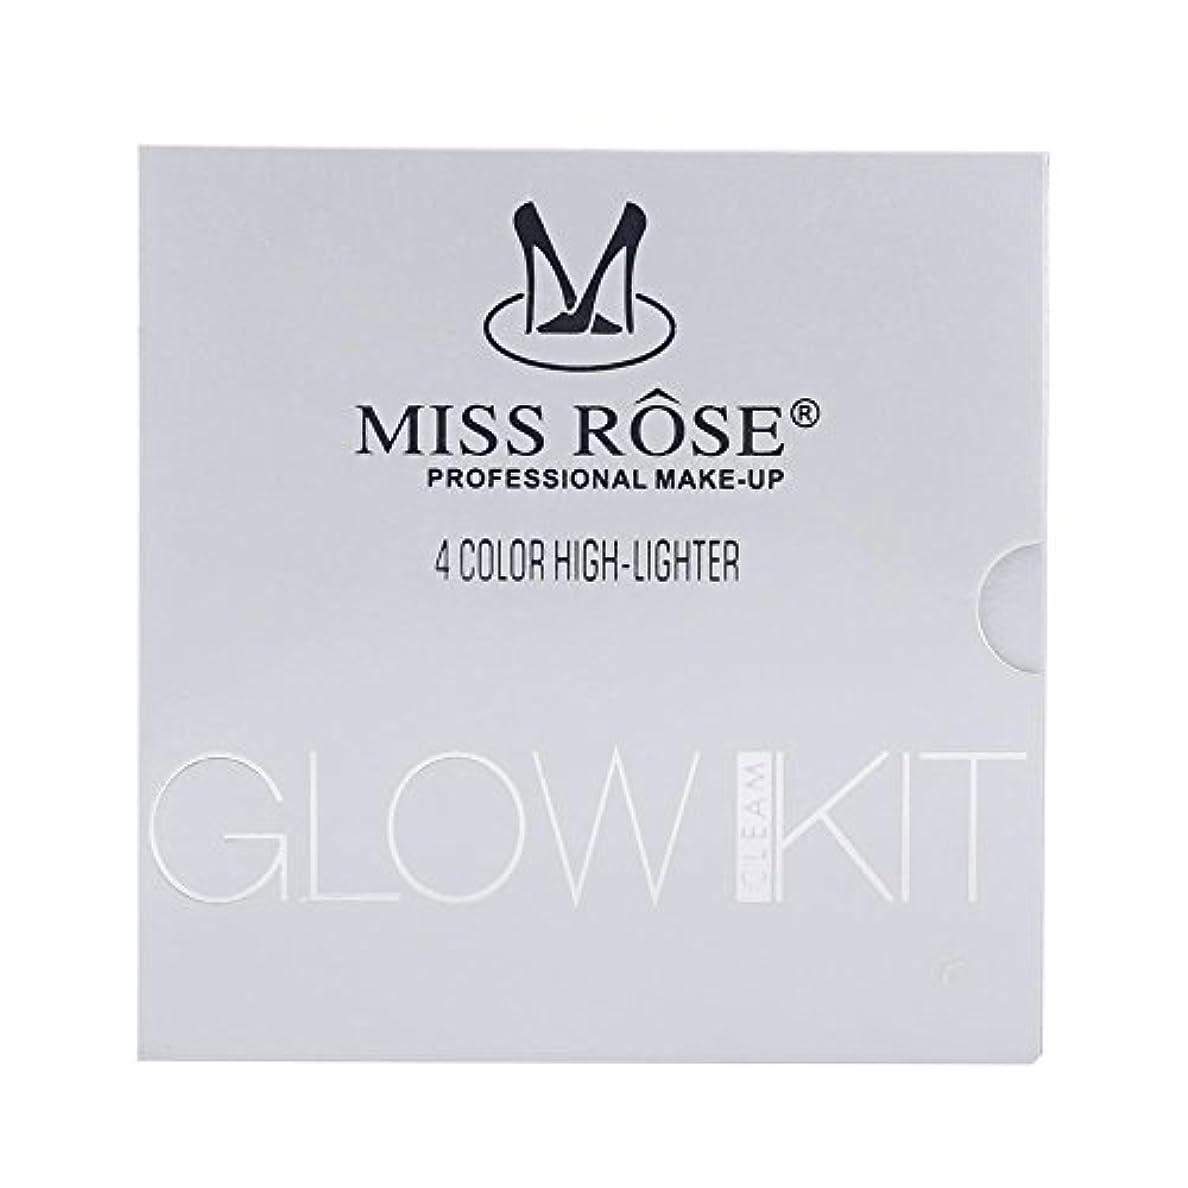 休眠ぬいぐるみオークミスローズ4色化粧パレットフェイスブロンザー蛍光ペン輪郭迷彩化粧品(N4)